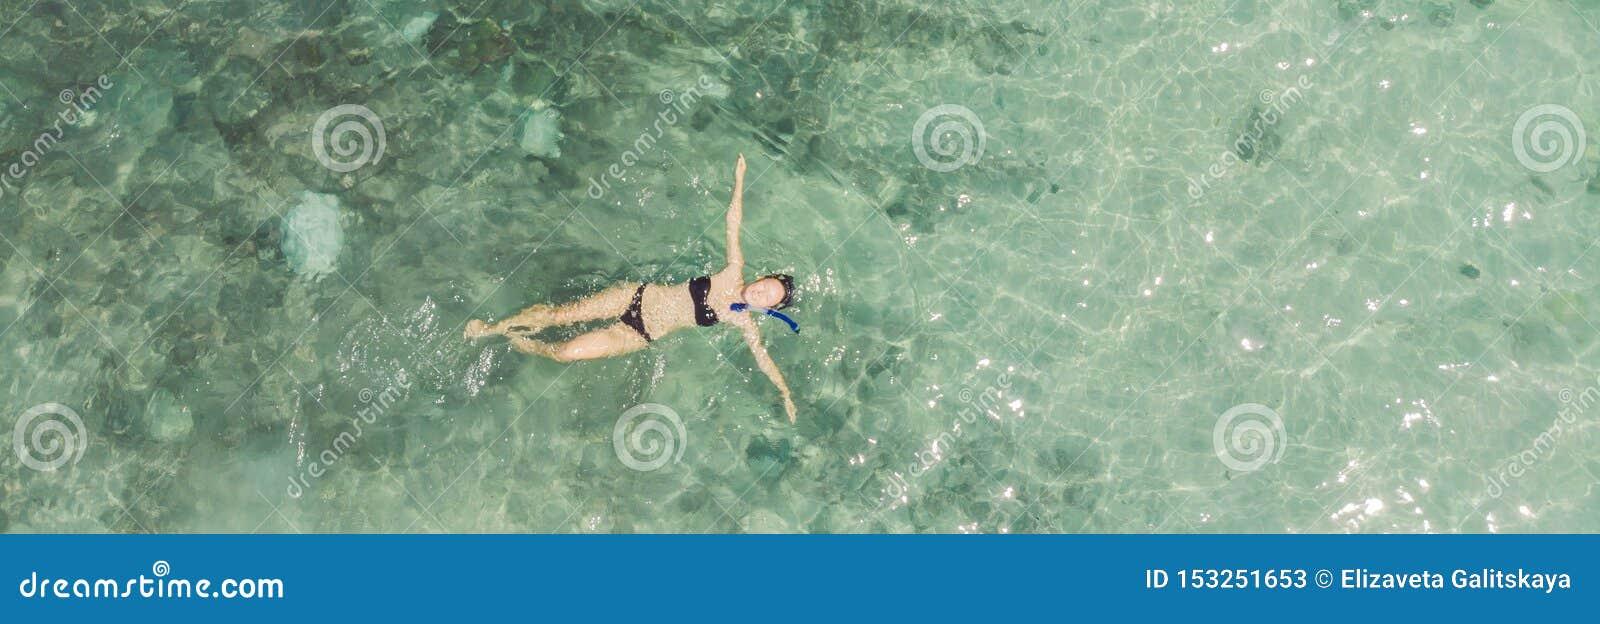 Punto di vista superiore aereo della donna che si immerge da sopra, nuoto dello snorkeler della ragazza in un acqua di mare tropi